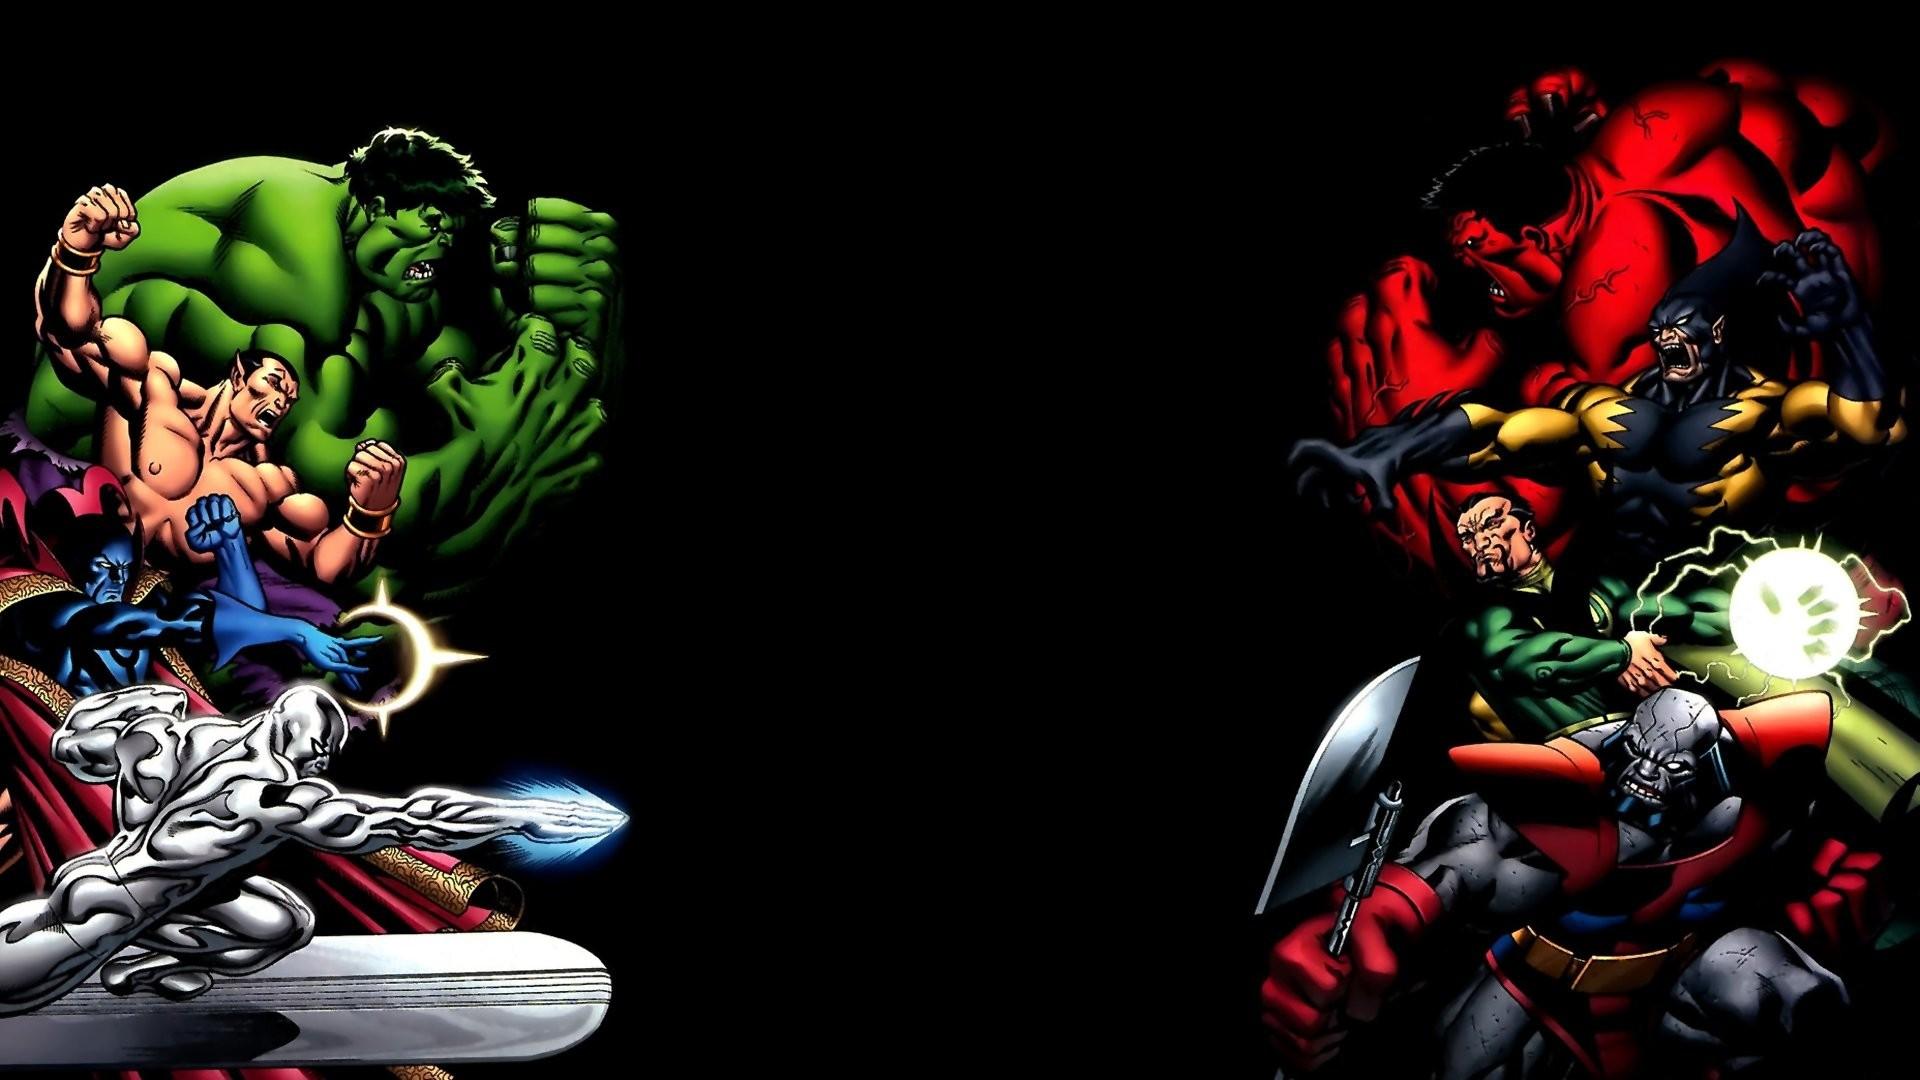 Hd marvel wallpapers for desktop 58 images - Avengers superhero wallpaper ...